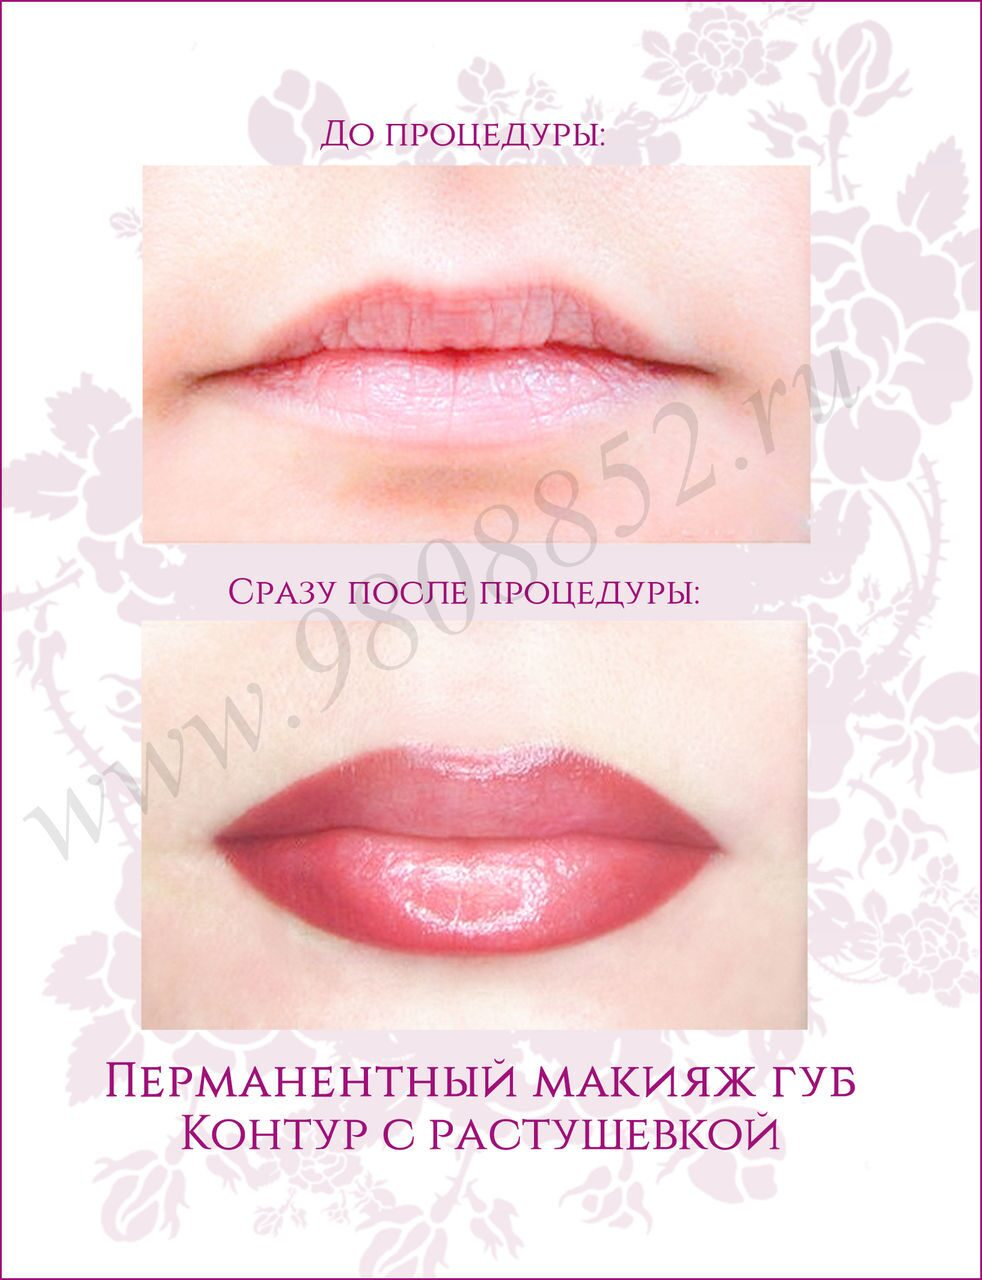 Перманентный макияж губ с растушевкой отзывы